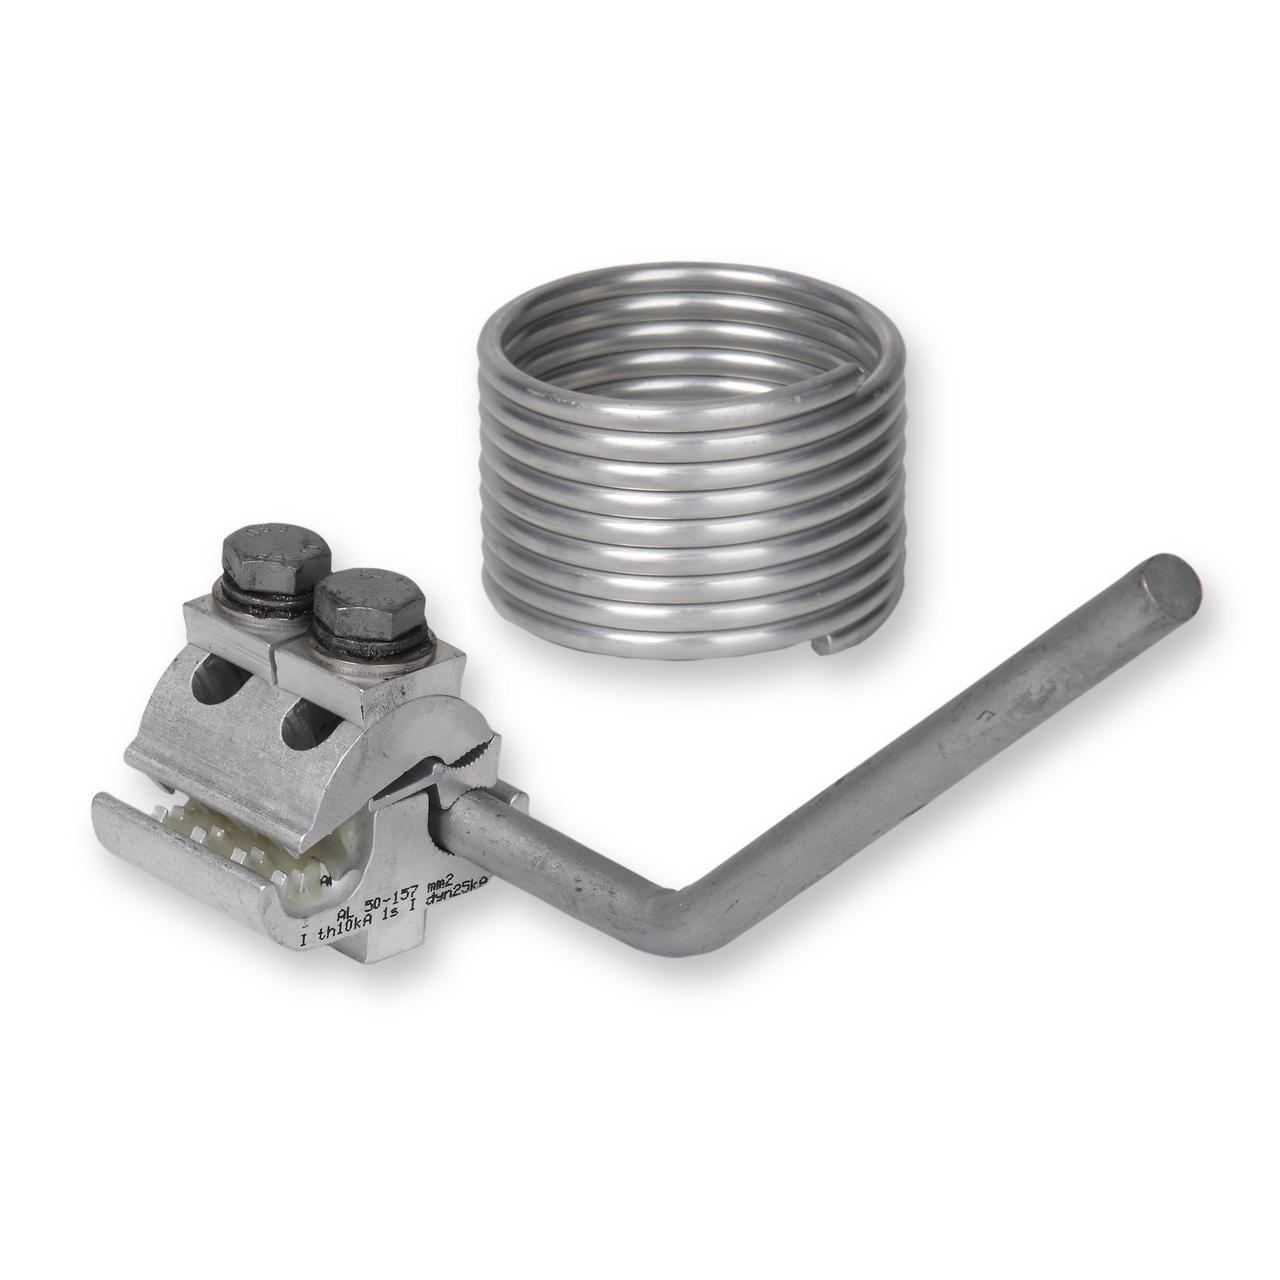 Устройство защиты от дуги с прямым рогом и шунтом SEW 20.2 ensto